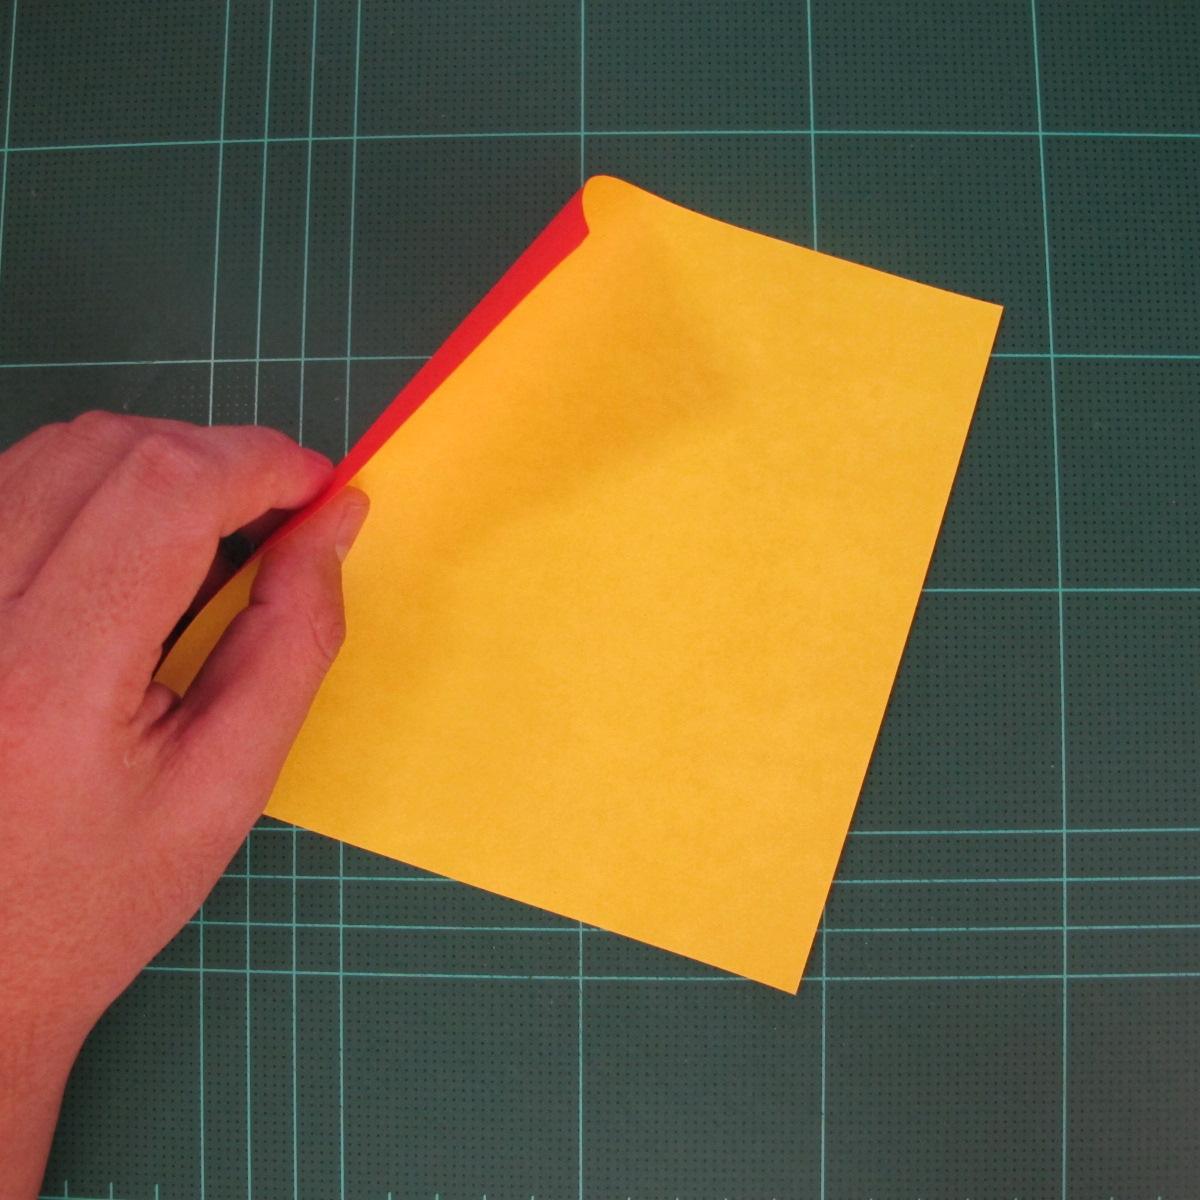 สอนวิธีพับกระดาษเป็นดอกกุหลาบ (แบบฐานกังหัน) (Origami Rose - Evi Binzinger) 001